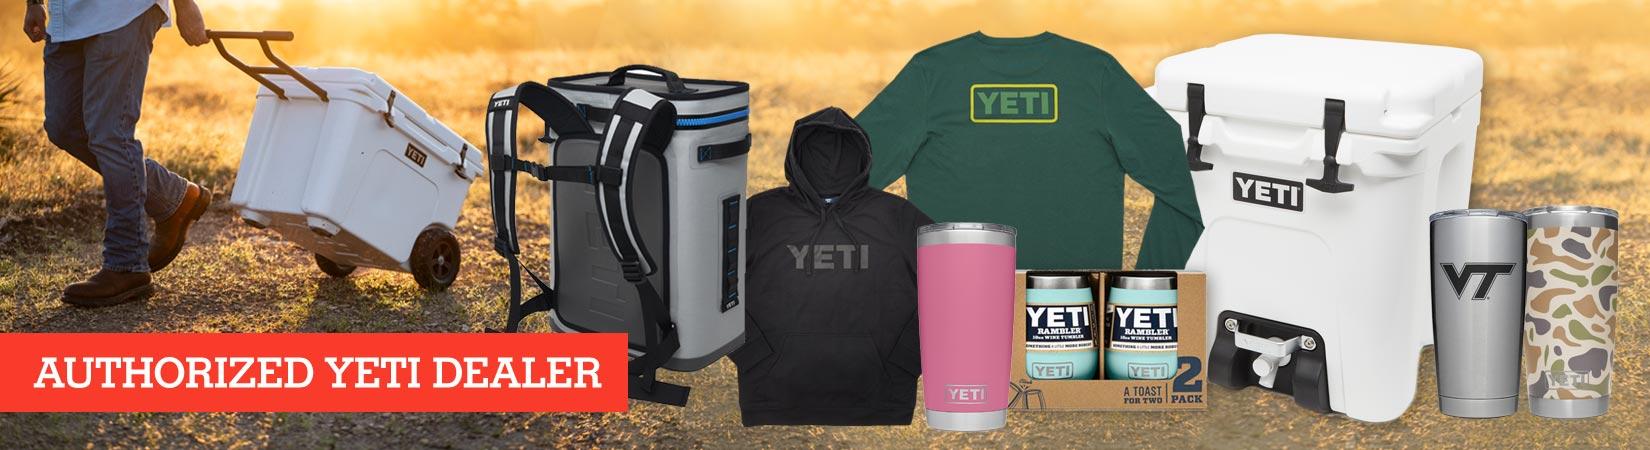 Authorized Yeti dealer page